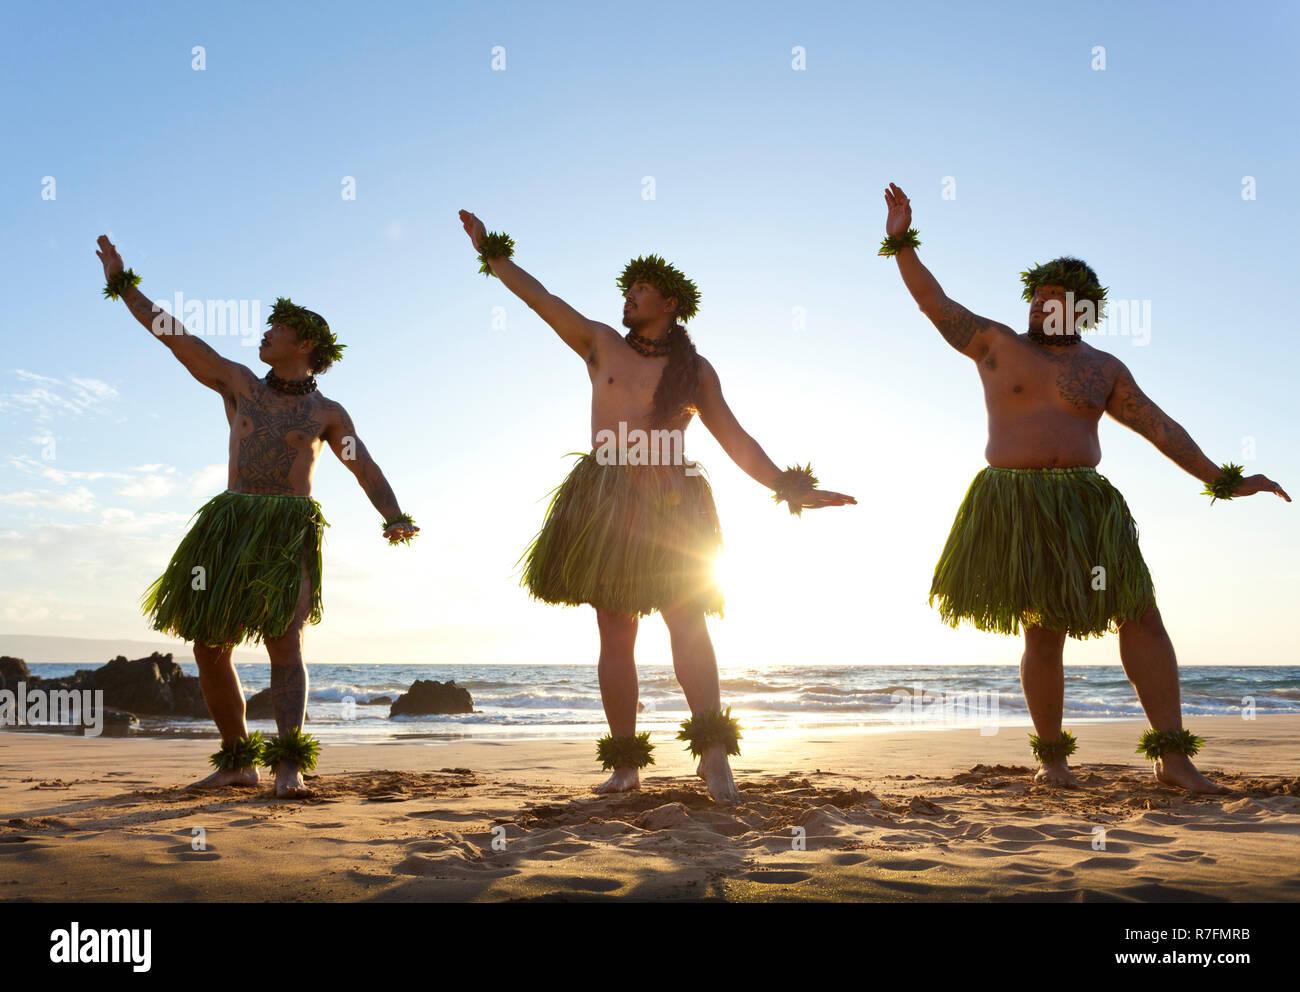 Three male hula dancers at sunset at Maui, Hawaii. Stock Photo